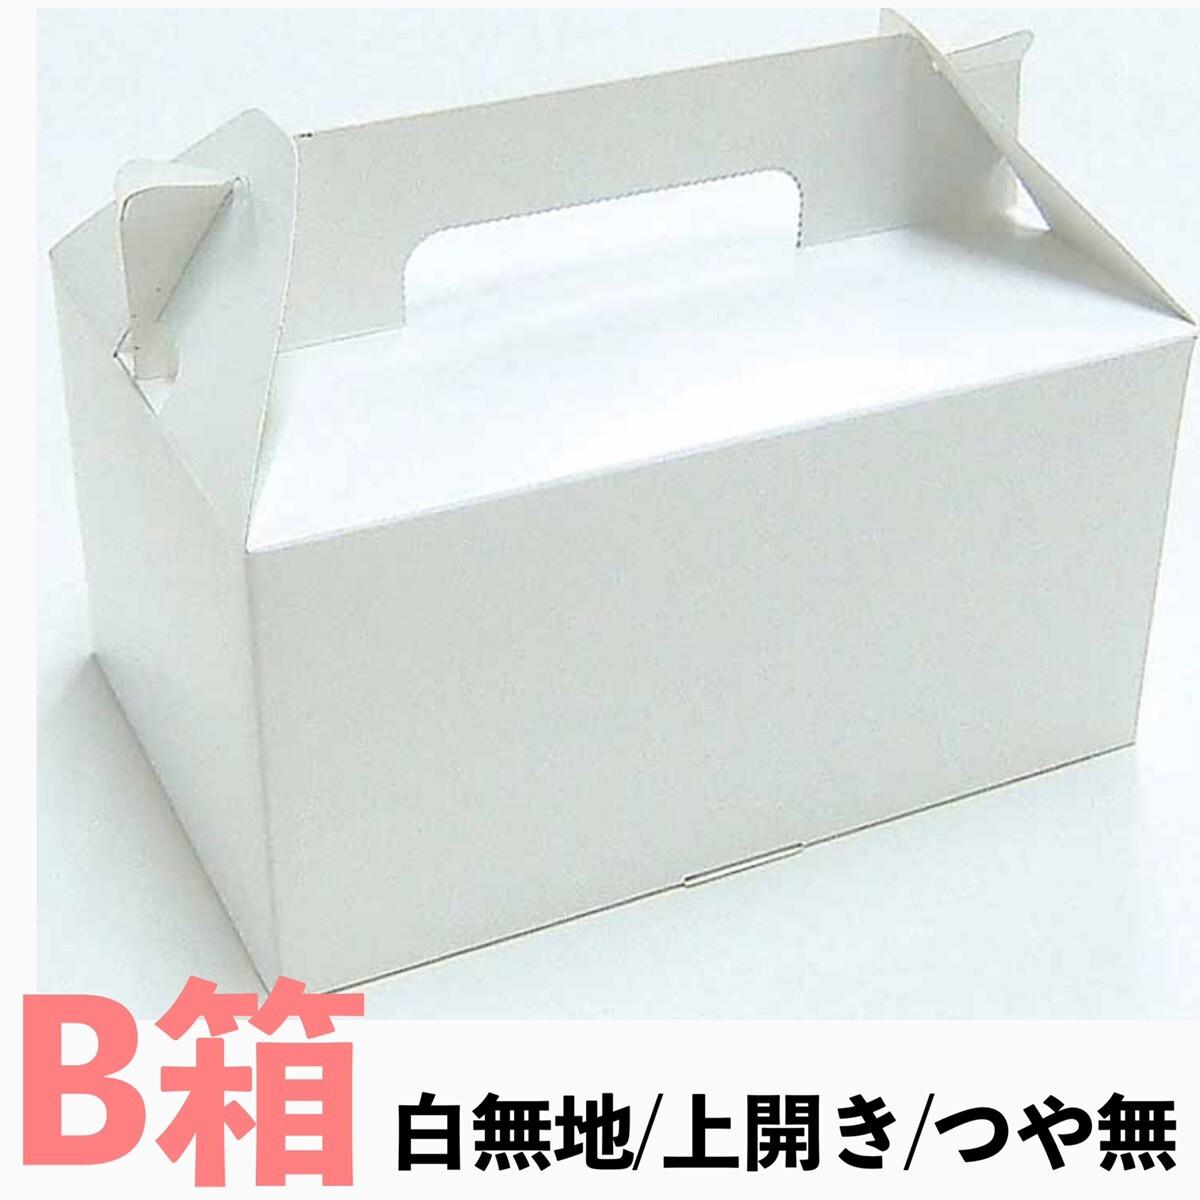 画像1: C-01-B(白無地、上入れ)/2B/4B/6B/8B/10B (1)